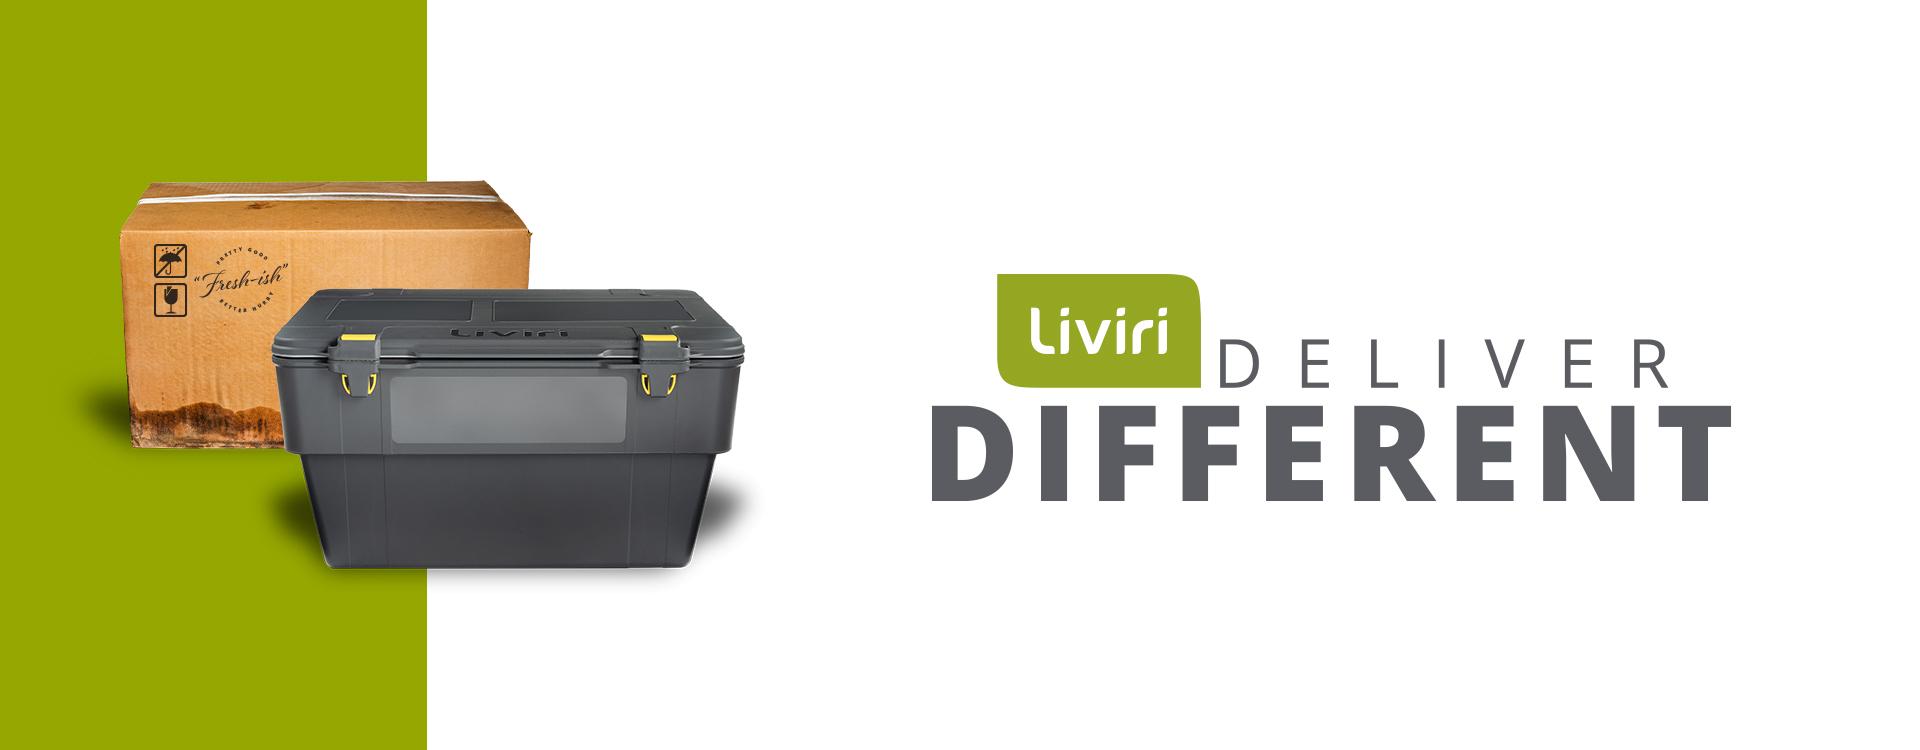 Liviri Fresh